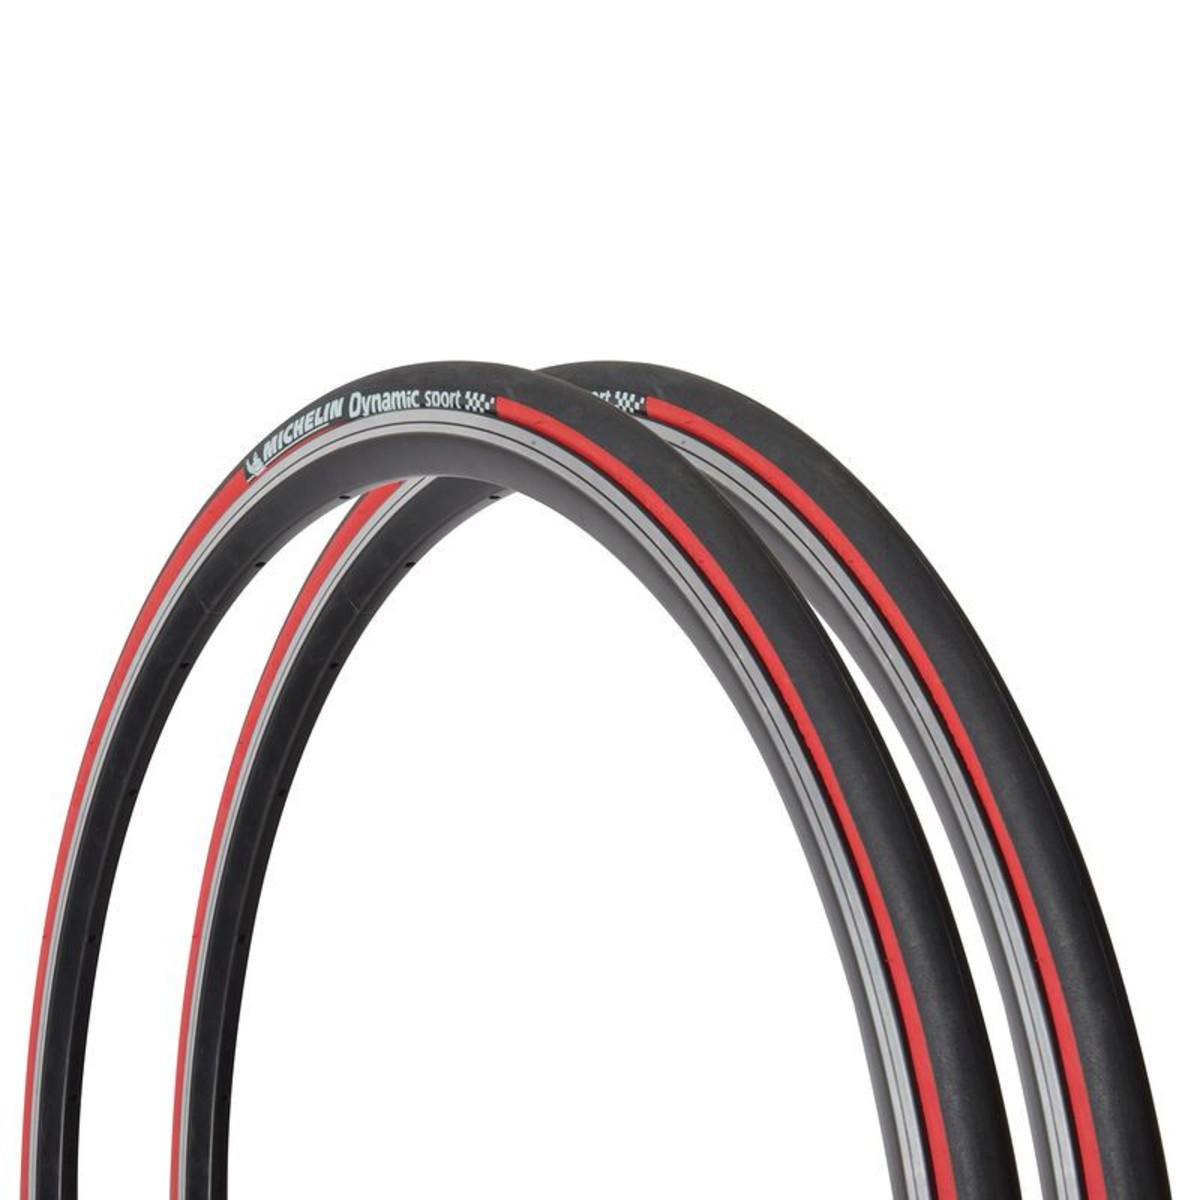 Bild 1 von MICHELIN 2 Drahtreifen Rennrad Dynamic Sport 700x23 (23-622) rot, Größe: Alle